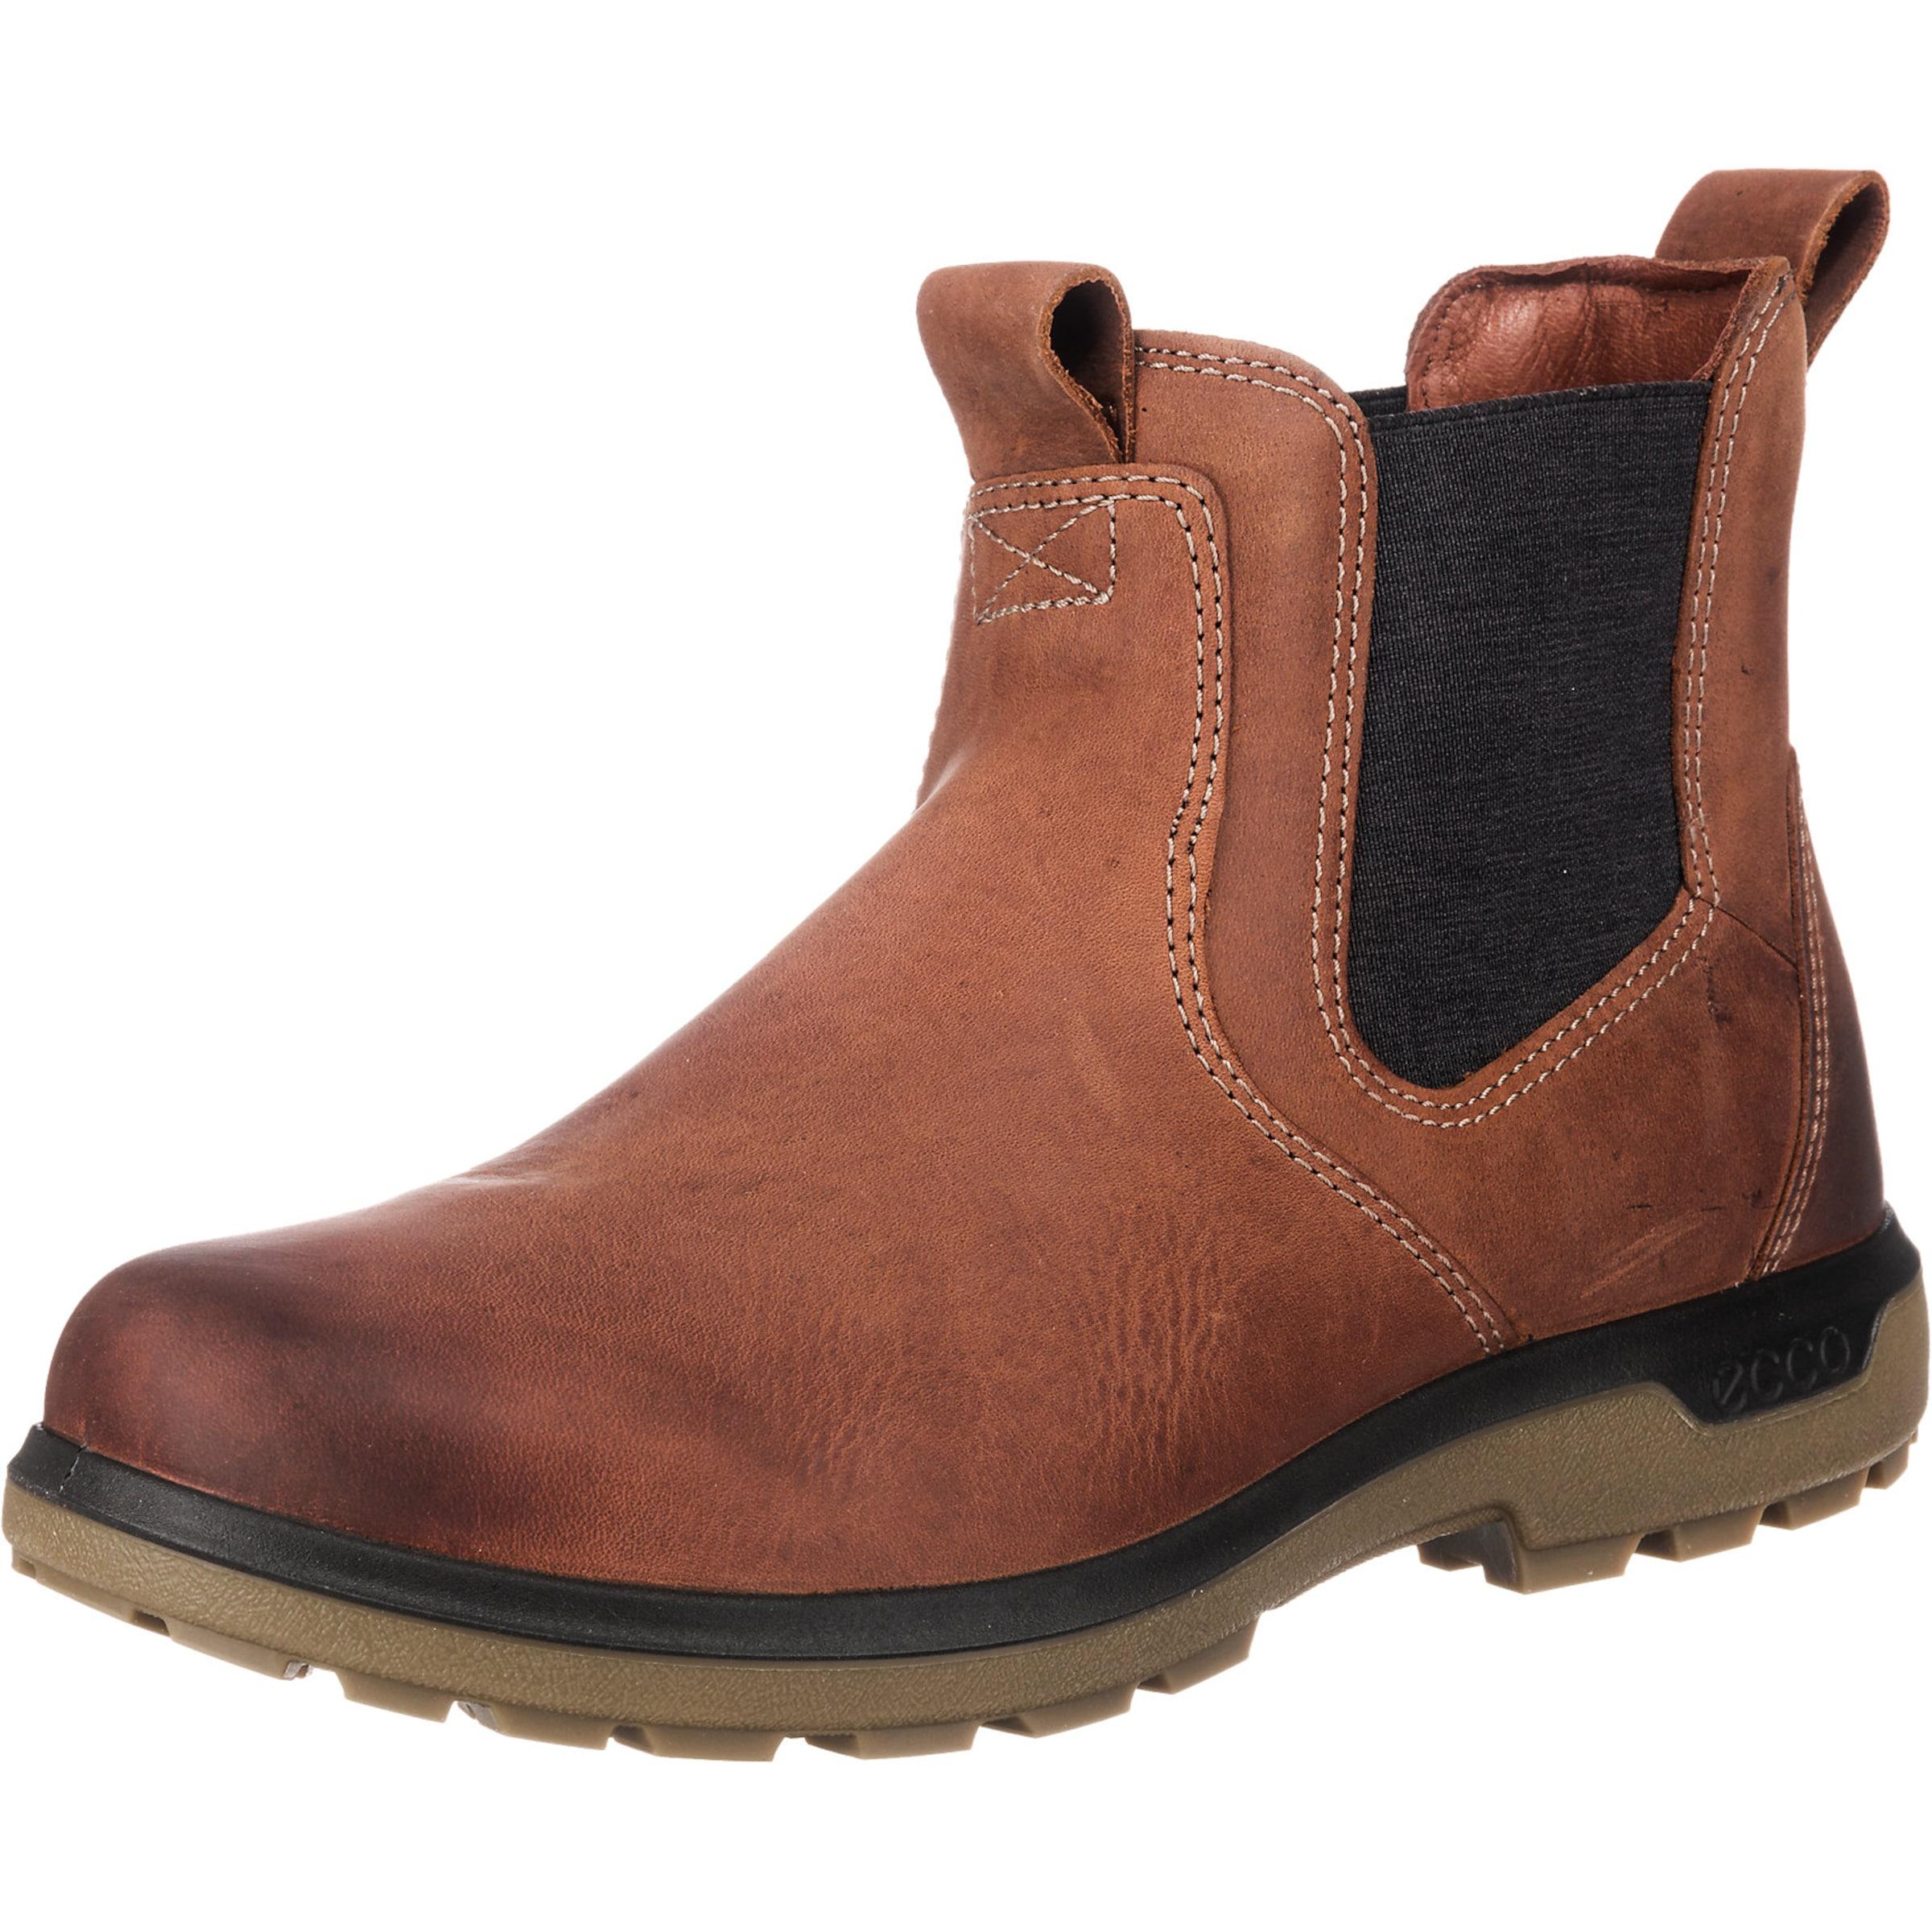 ECCO | Whistler Stiefel & Stiefeletten Stiefeletten & Schuhe Gut getragene Schuhe 983912